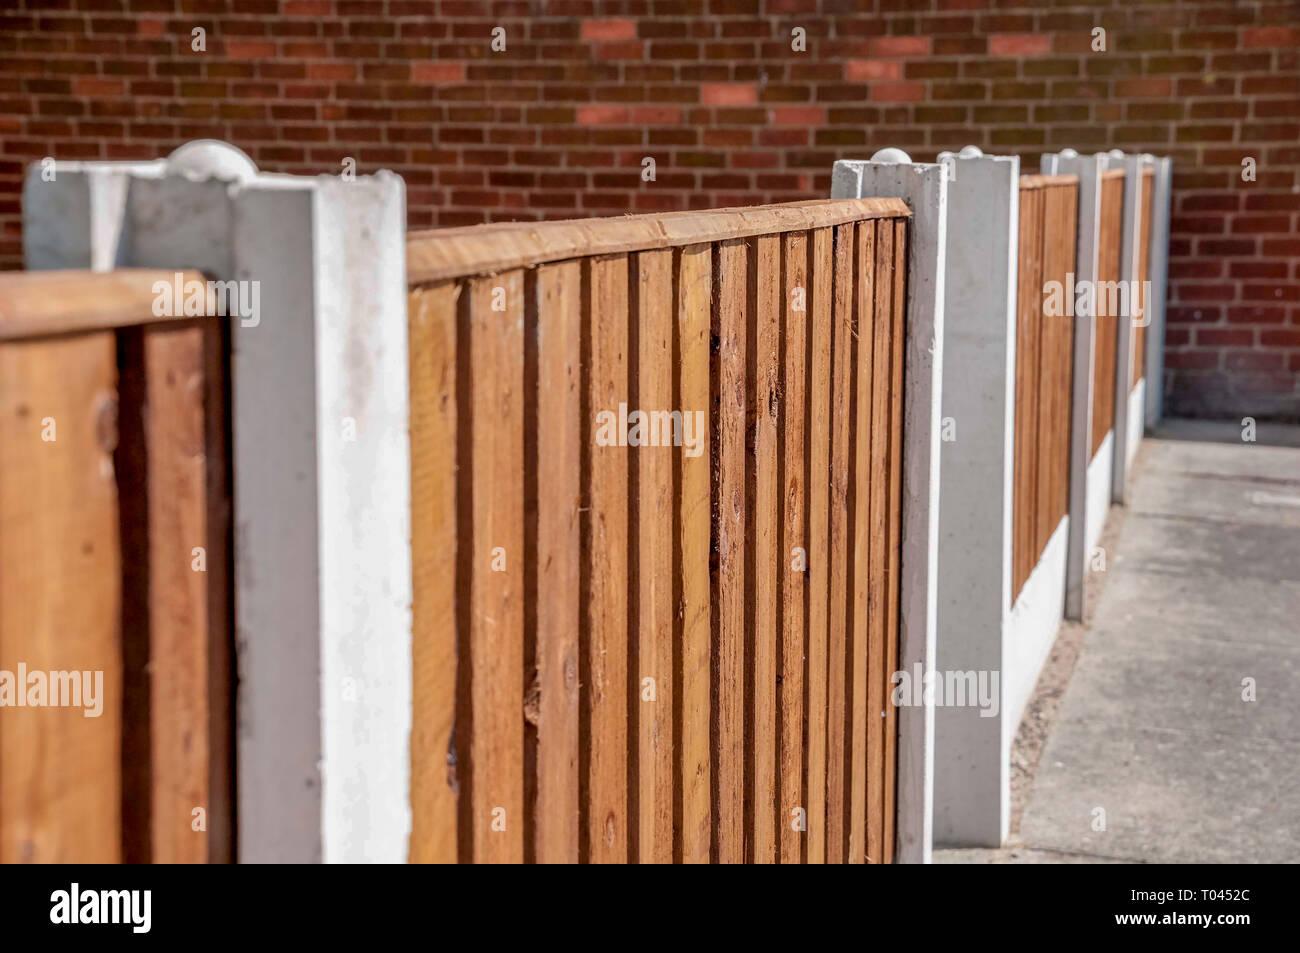 Concrete Fence Posts Stock Photos & Concrete Fence Posts